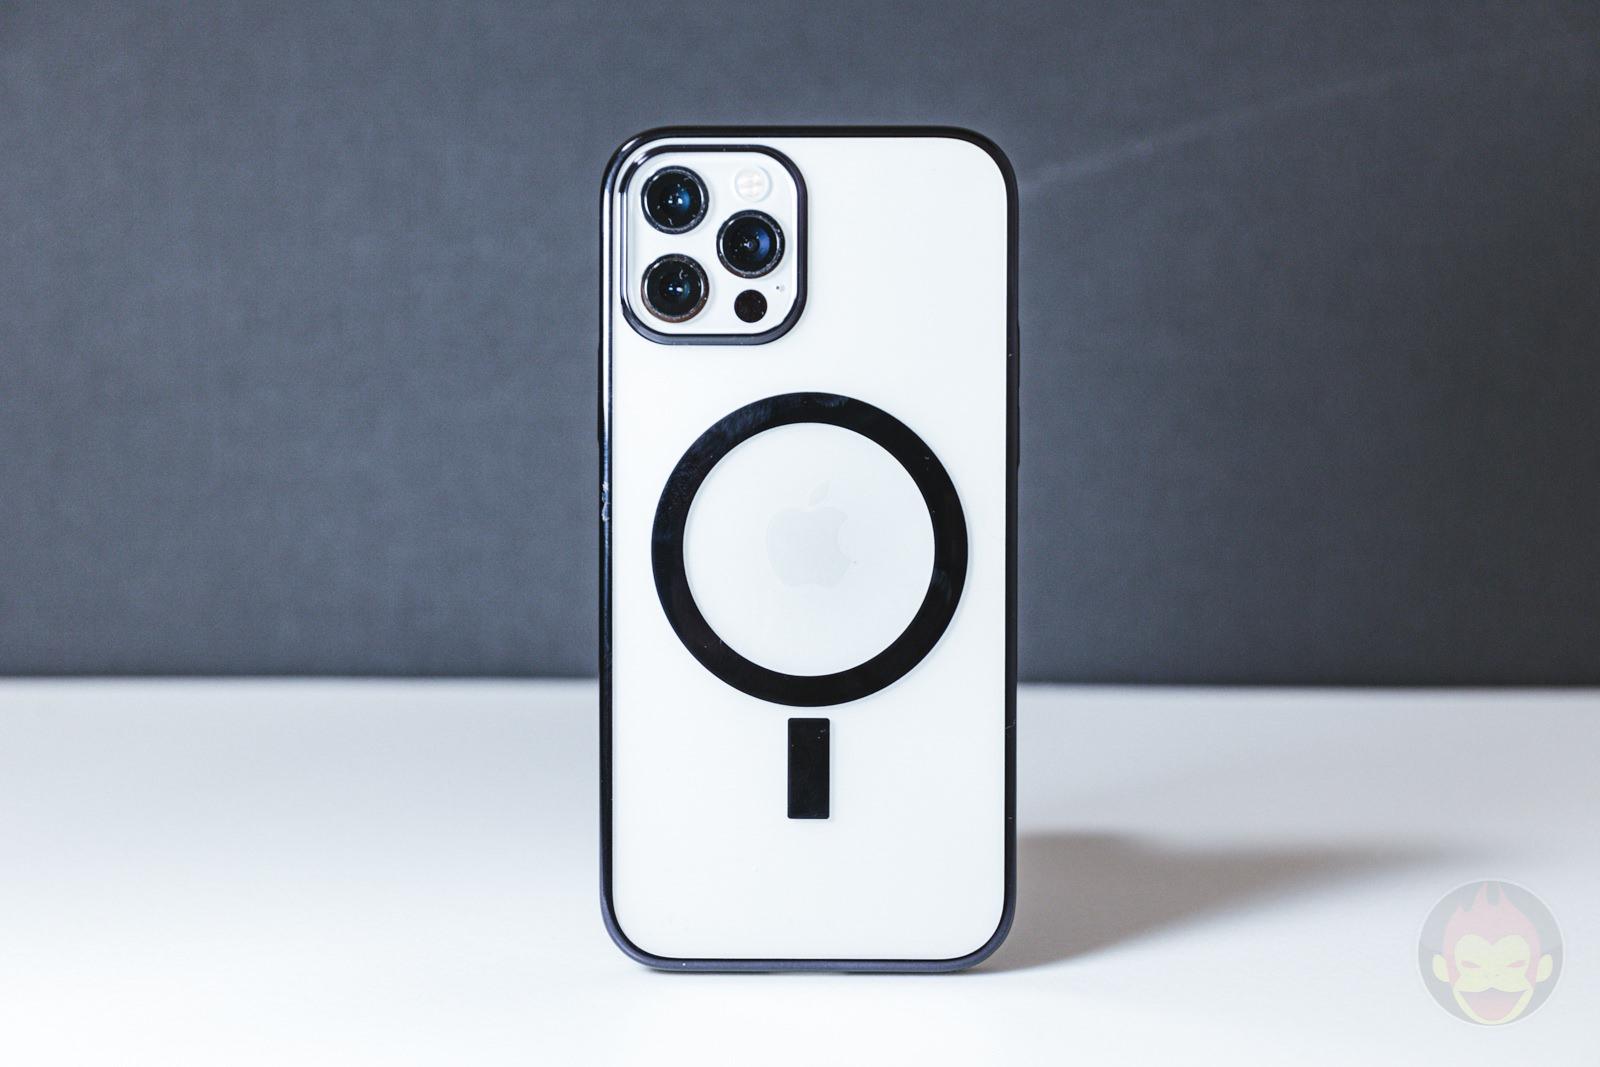 KAHITE Black MagSafe iPhone 12 Pro Case 01